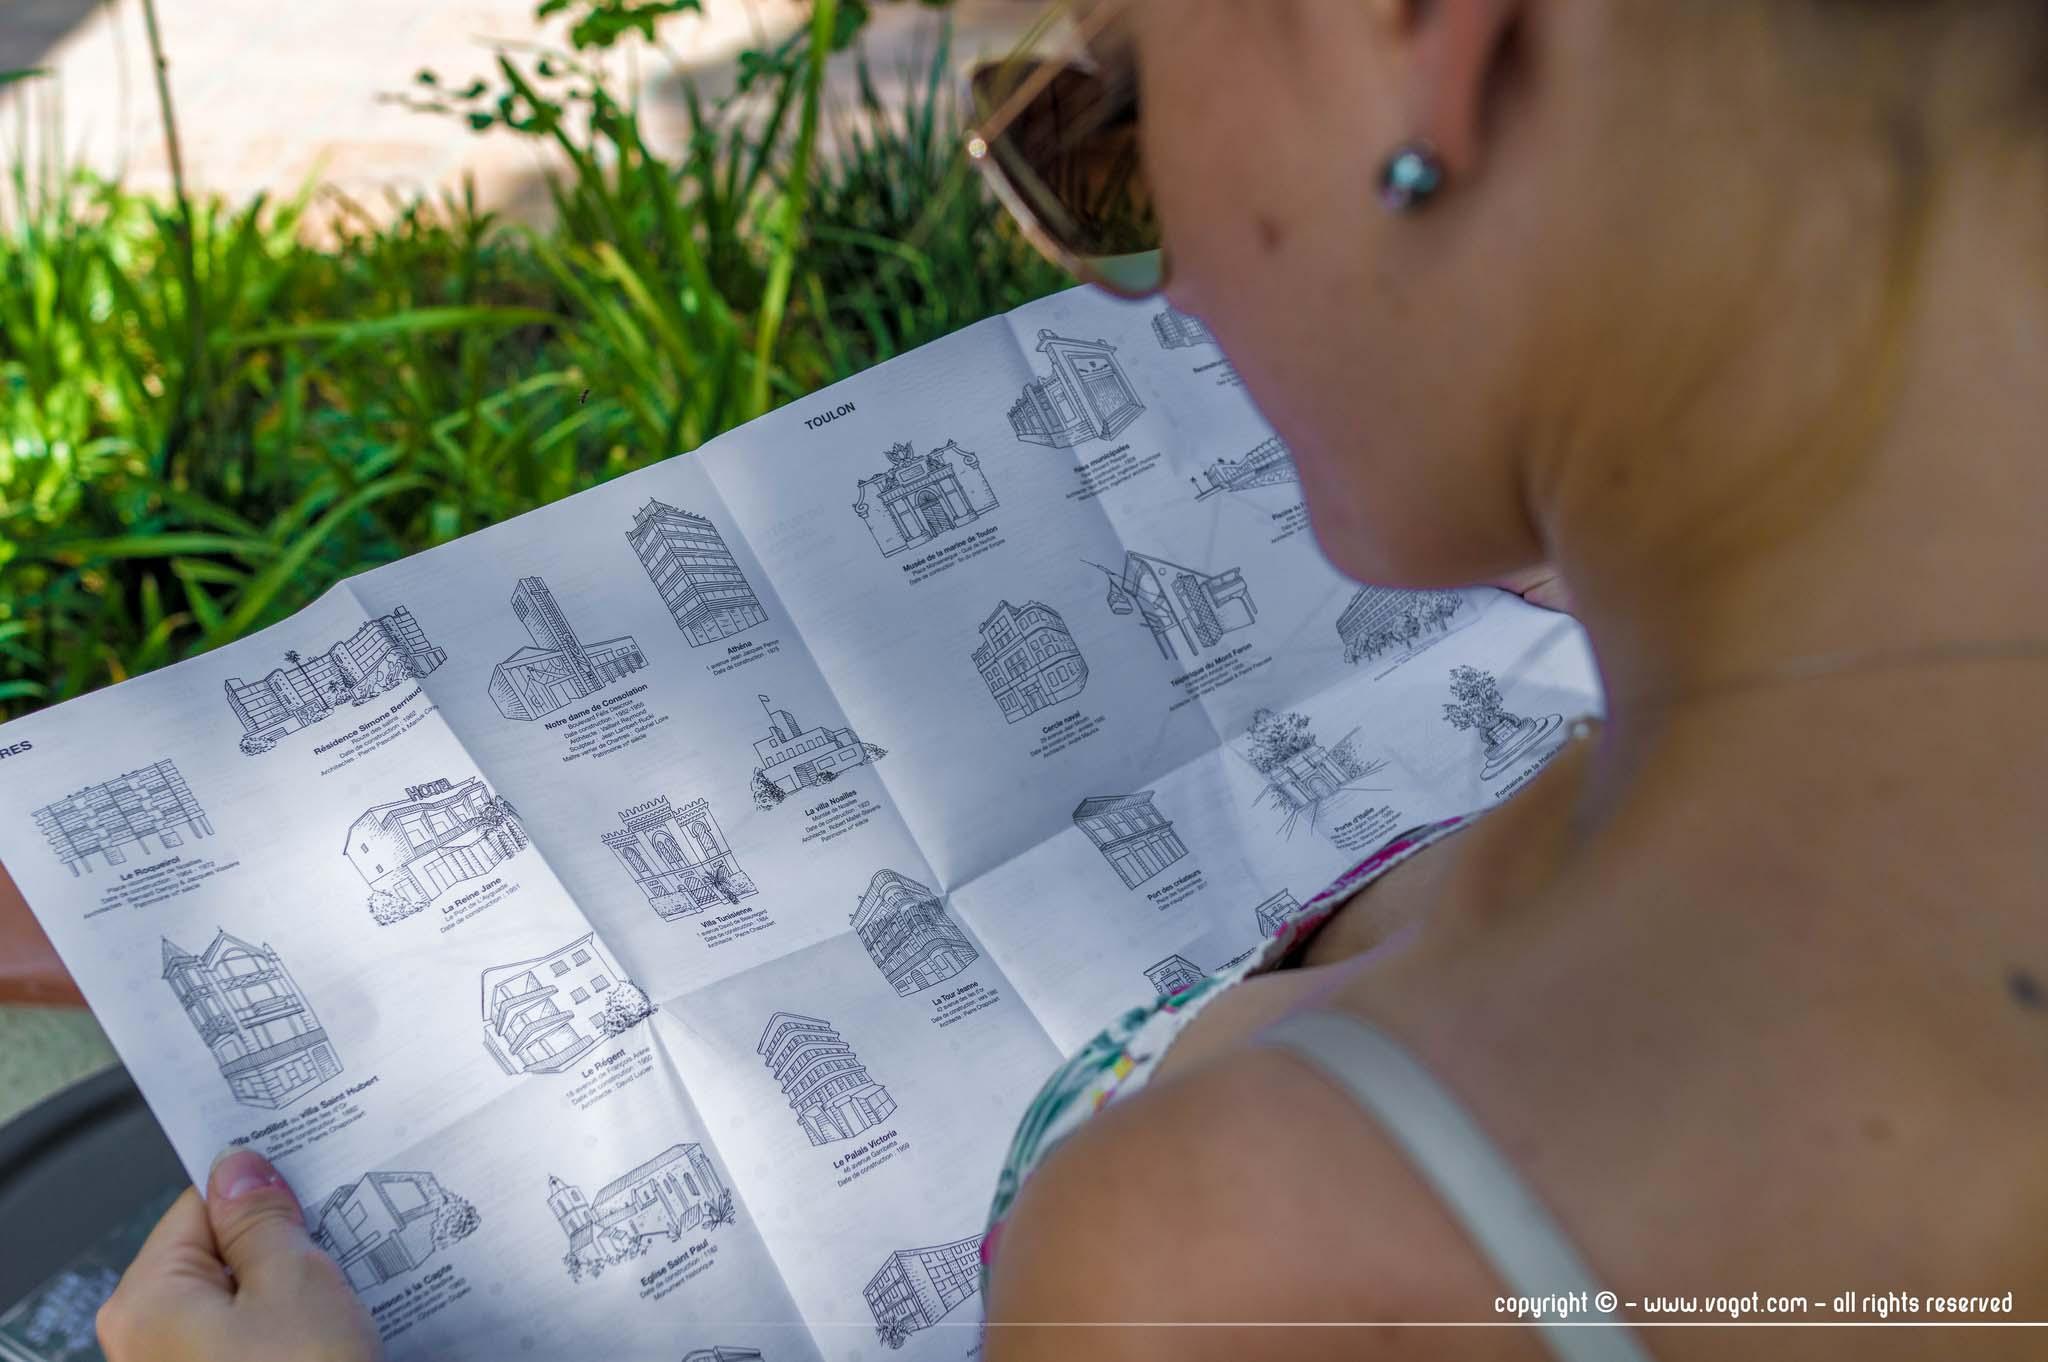 Villa Noailles - Chloé lisant le dépliant de la design paradise hyères